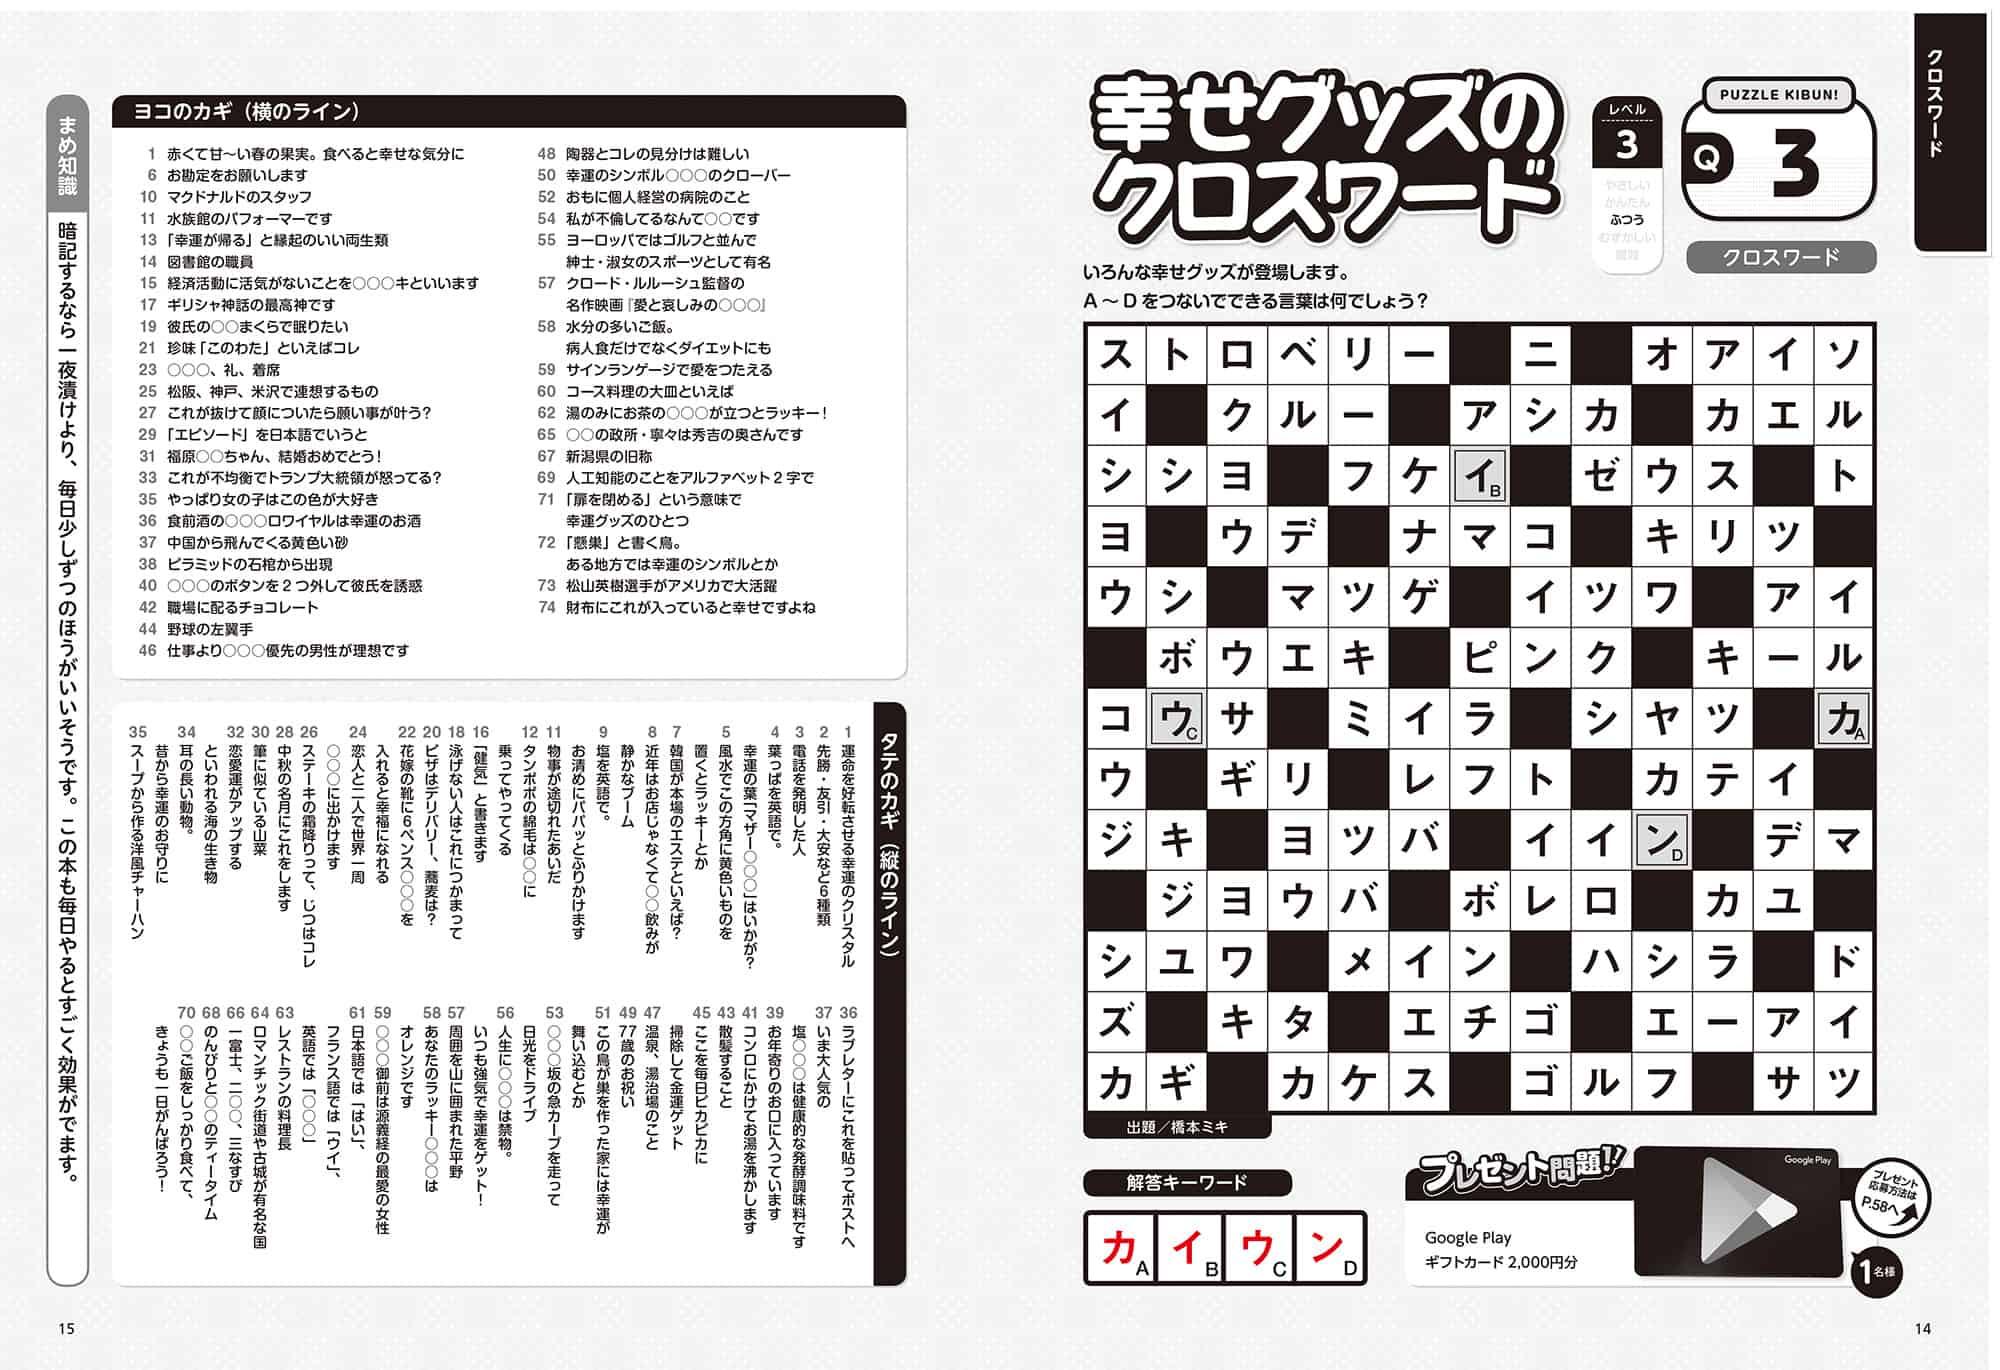 【パズルきぶん】Q3クロスワード 幸せグッズ